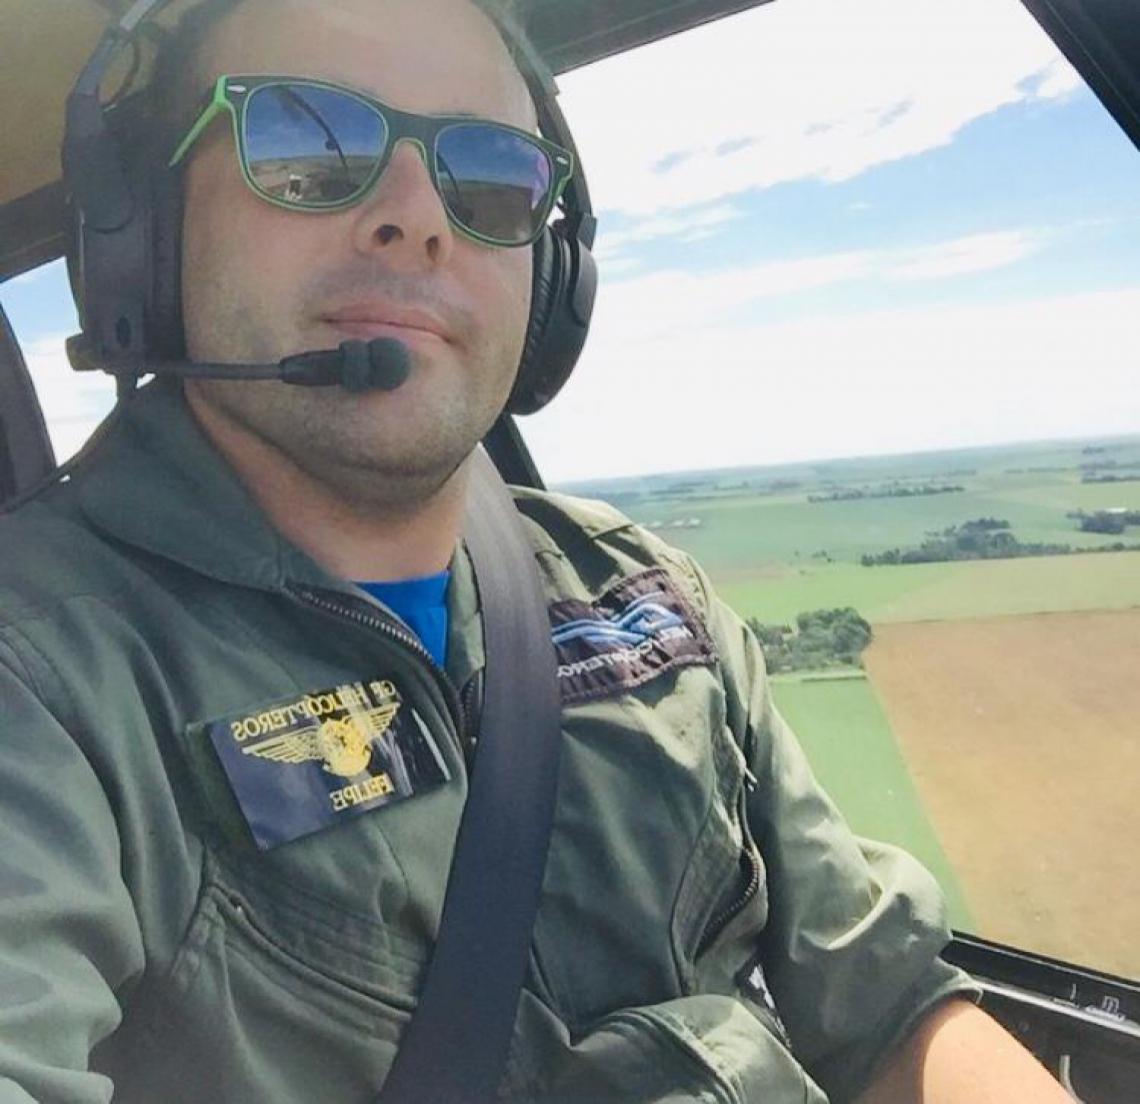 Felpe Ramos Morais pilotou o helicóptero com o grupo criminoso que executou Gegê e Paca, após pousar na área de uma aldeia indígena em Aquiraz